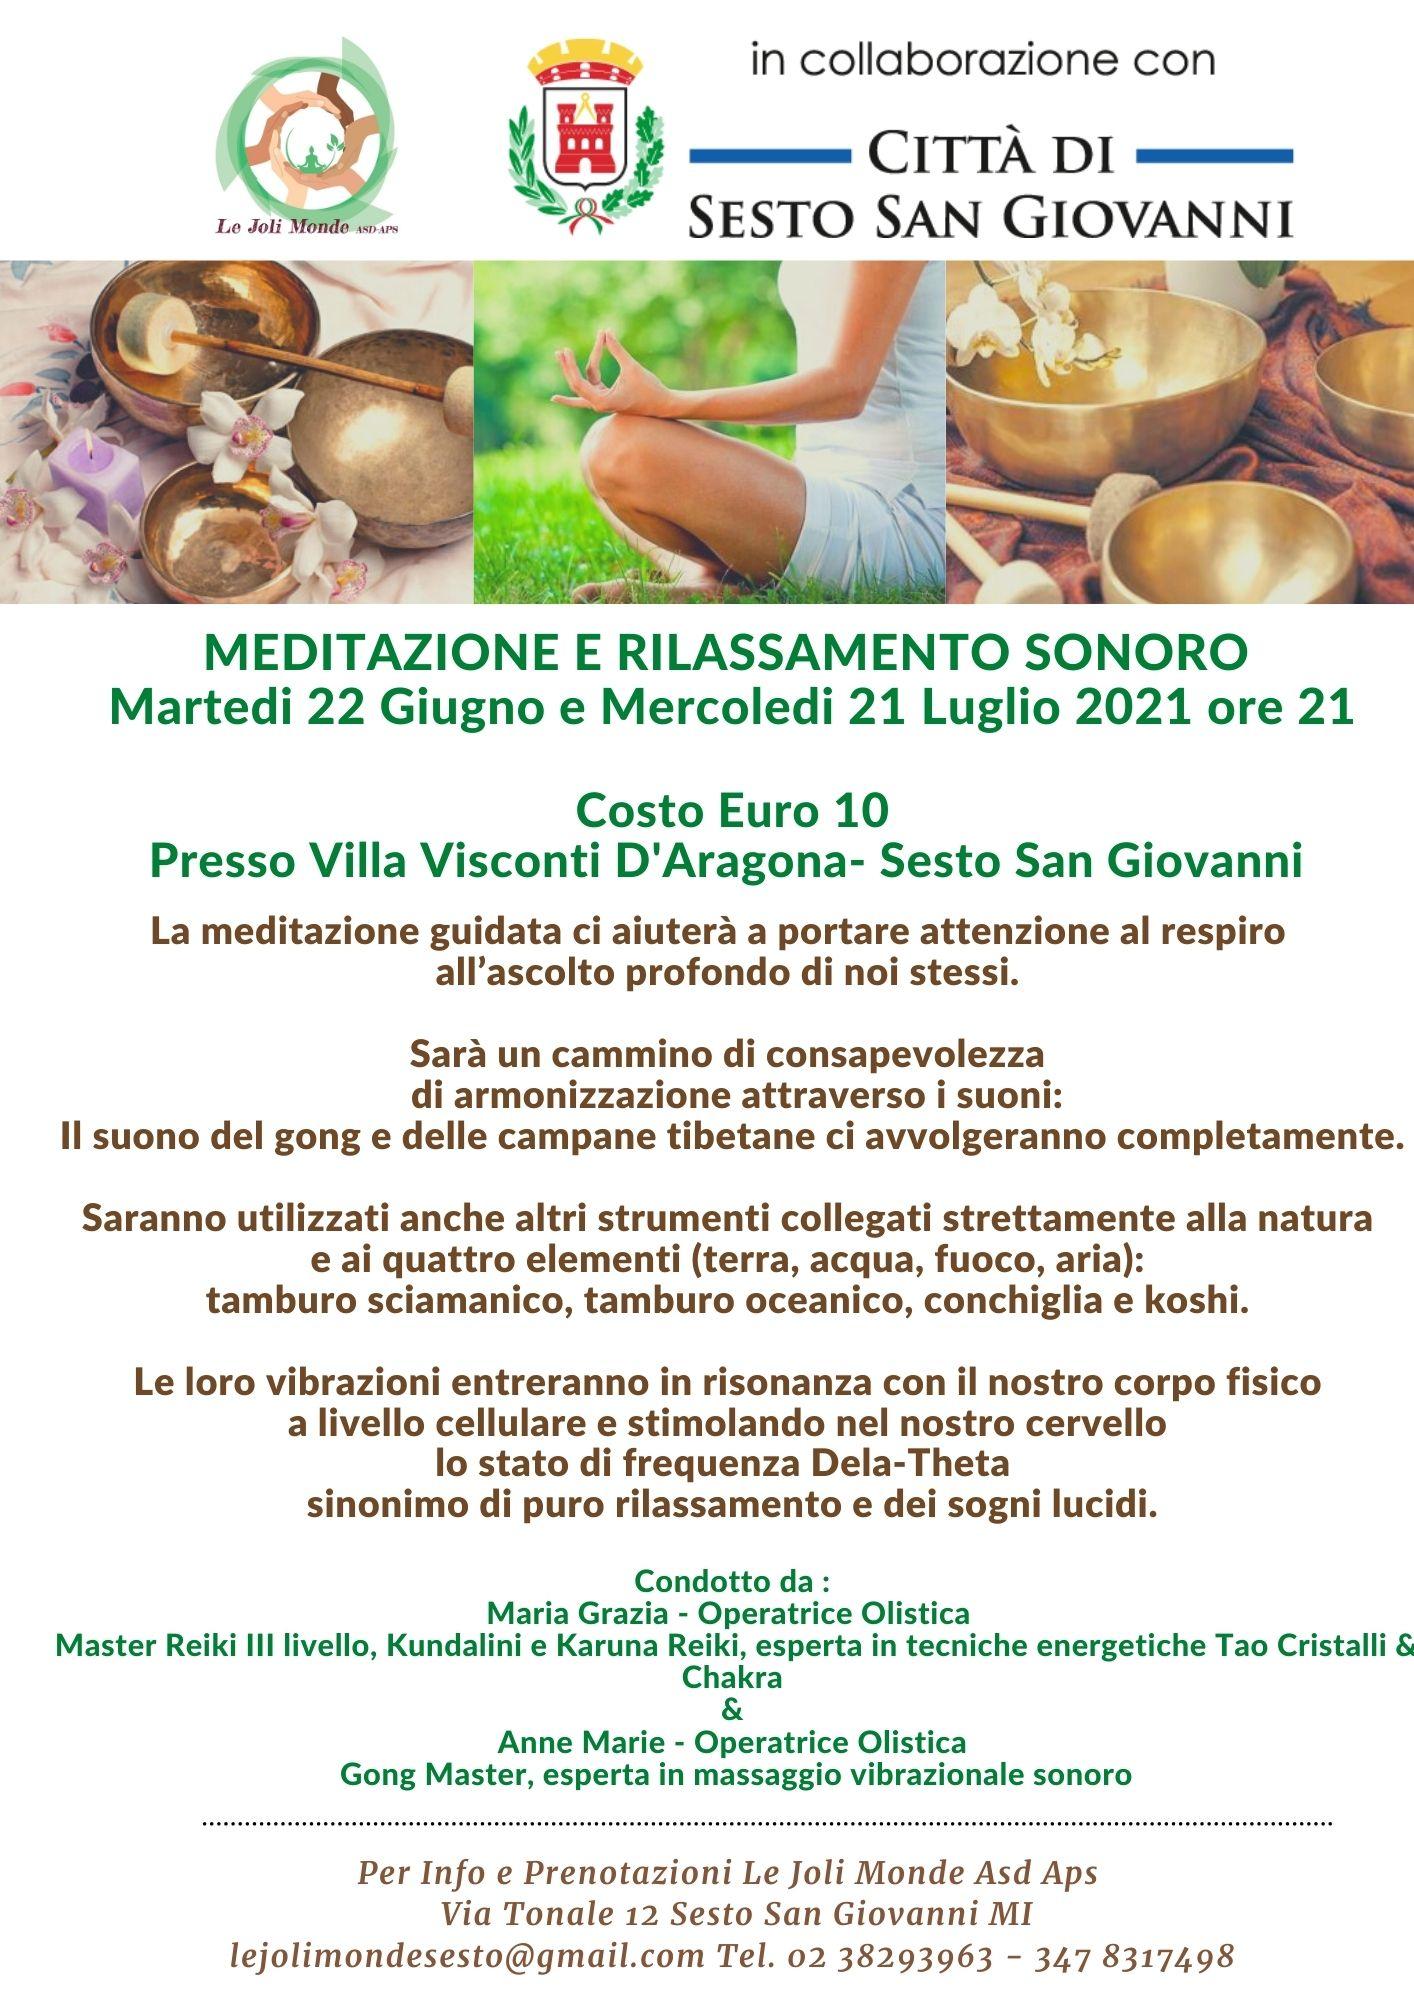 Meditazione e rilassamento sonoro